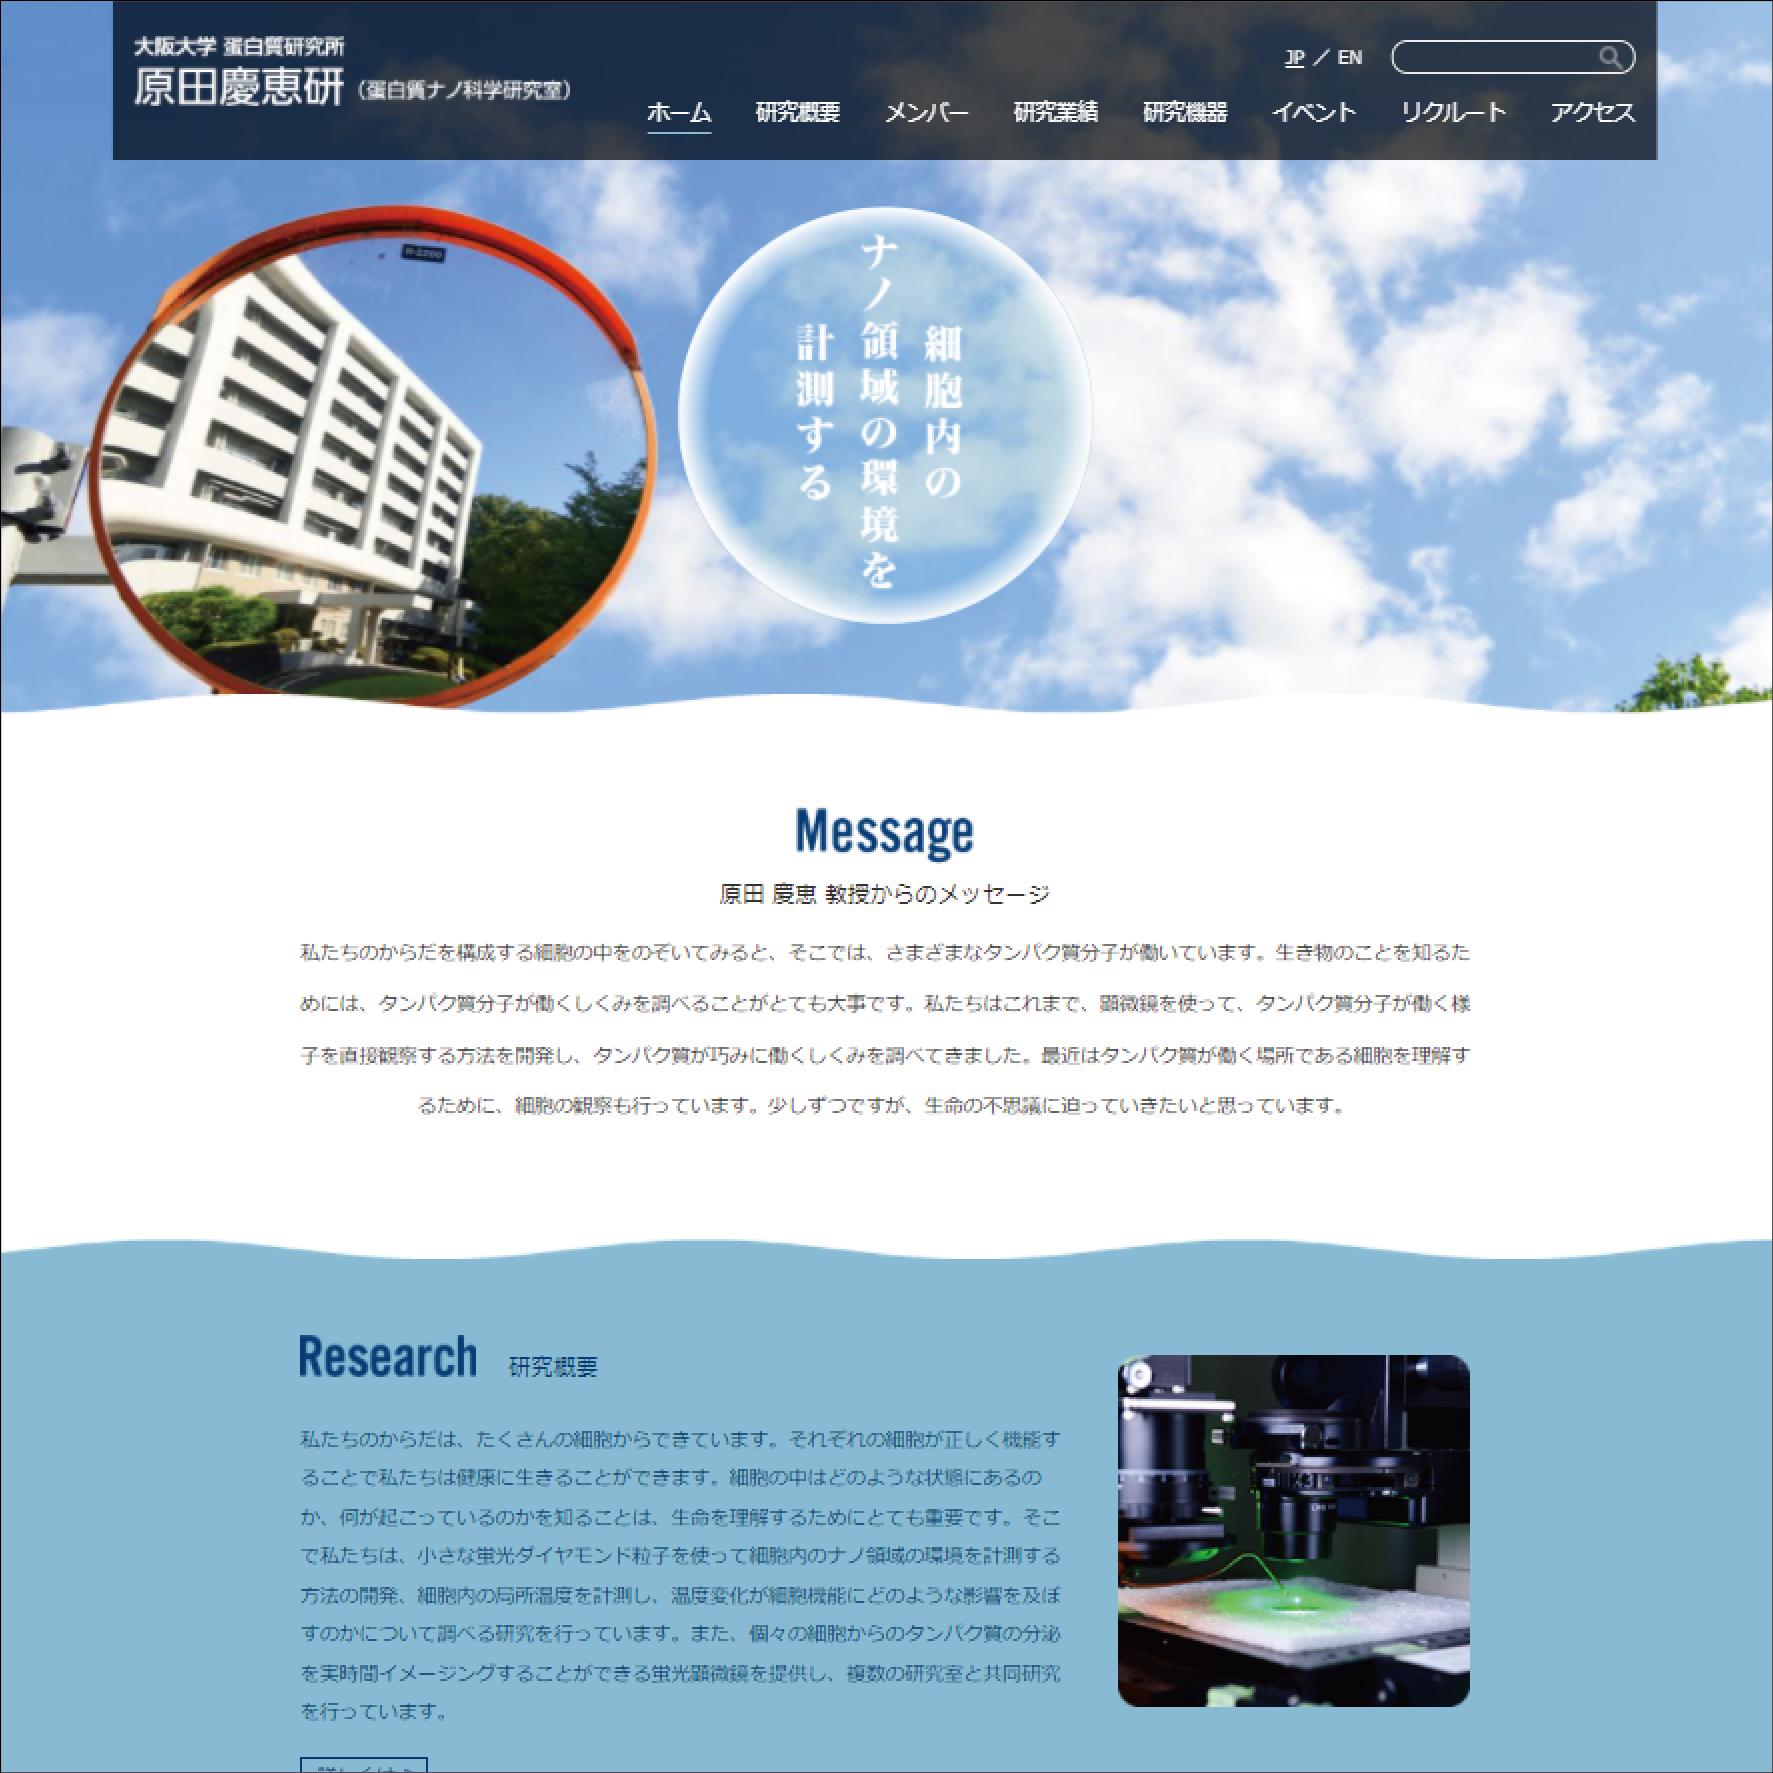 大阪大学 蛋白質研究所様 原田 慶恵研究室WEBサイト